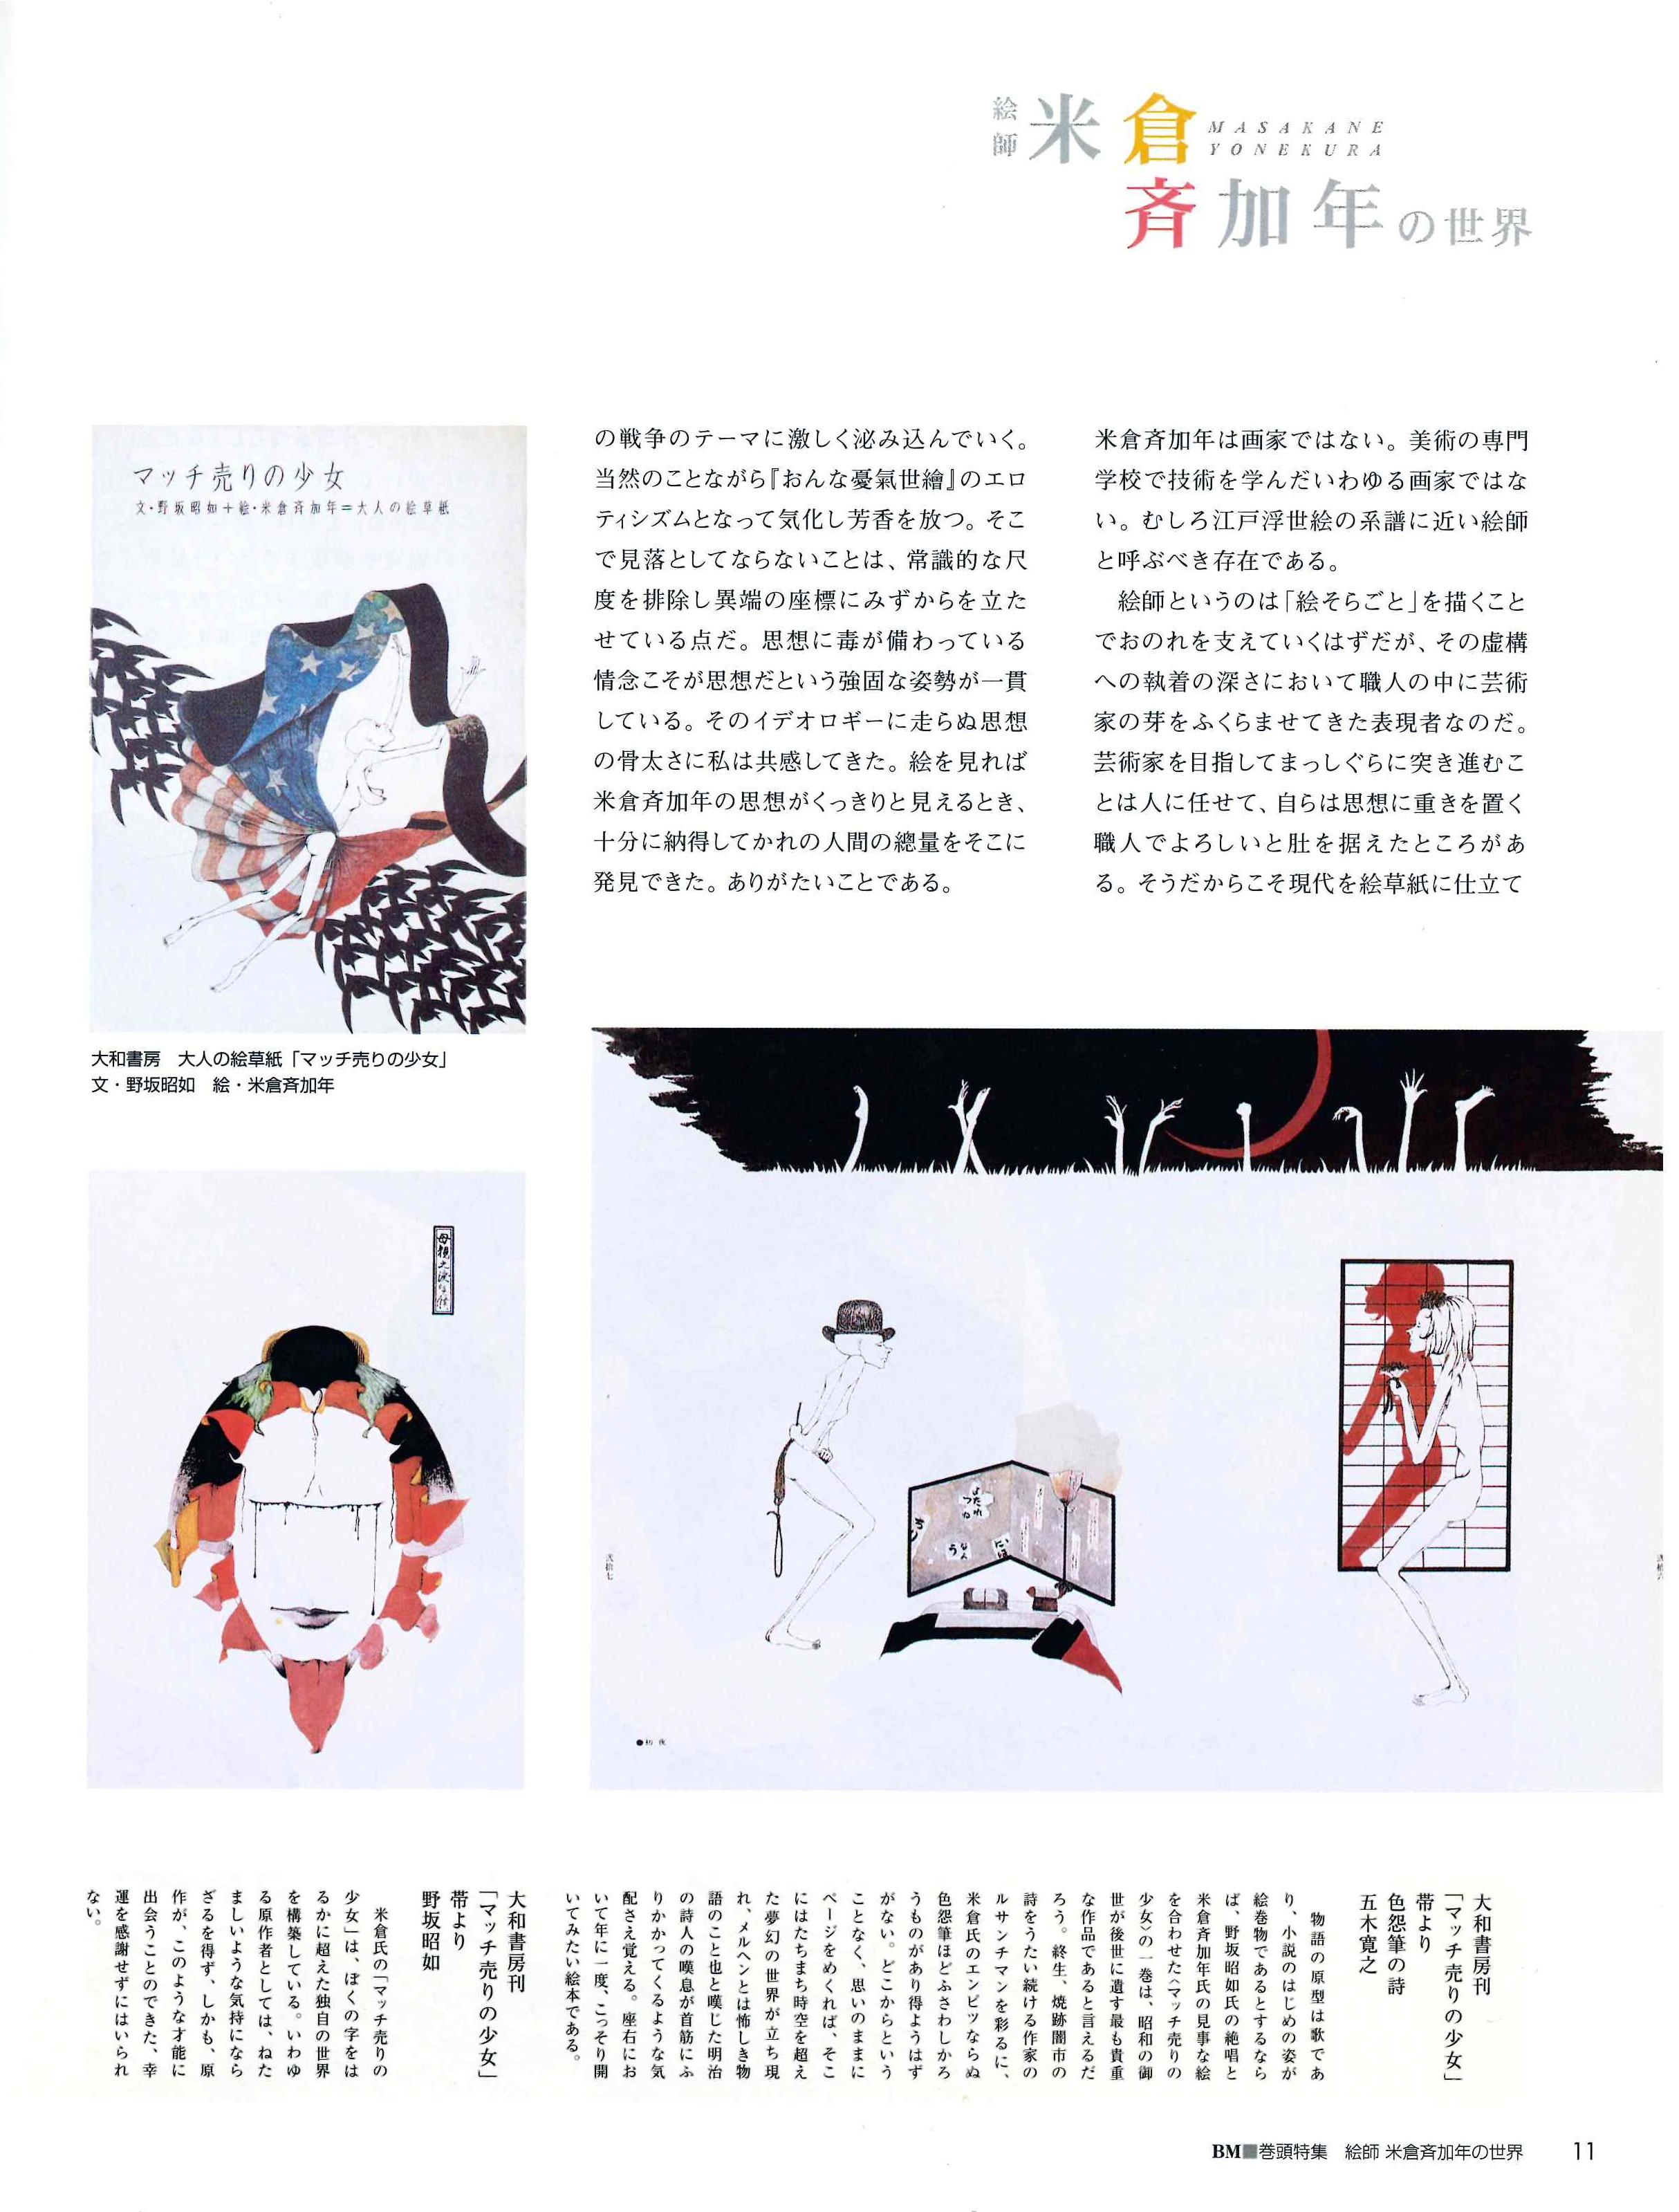 BM-美術の杜 vol.10 | 2006.10 - 7